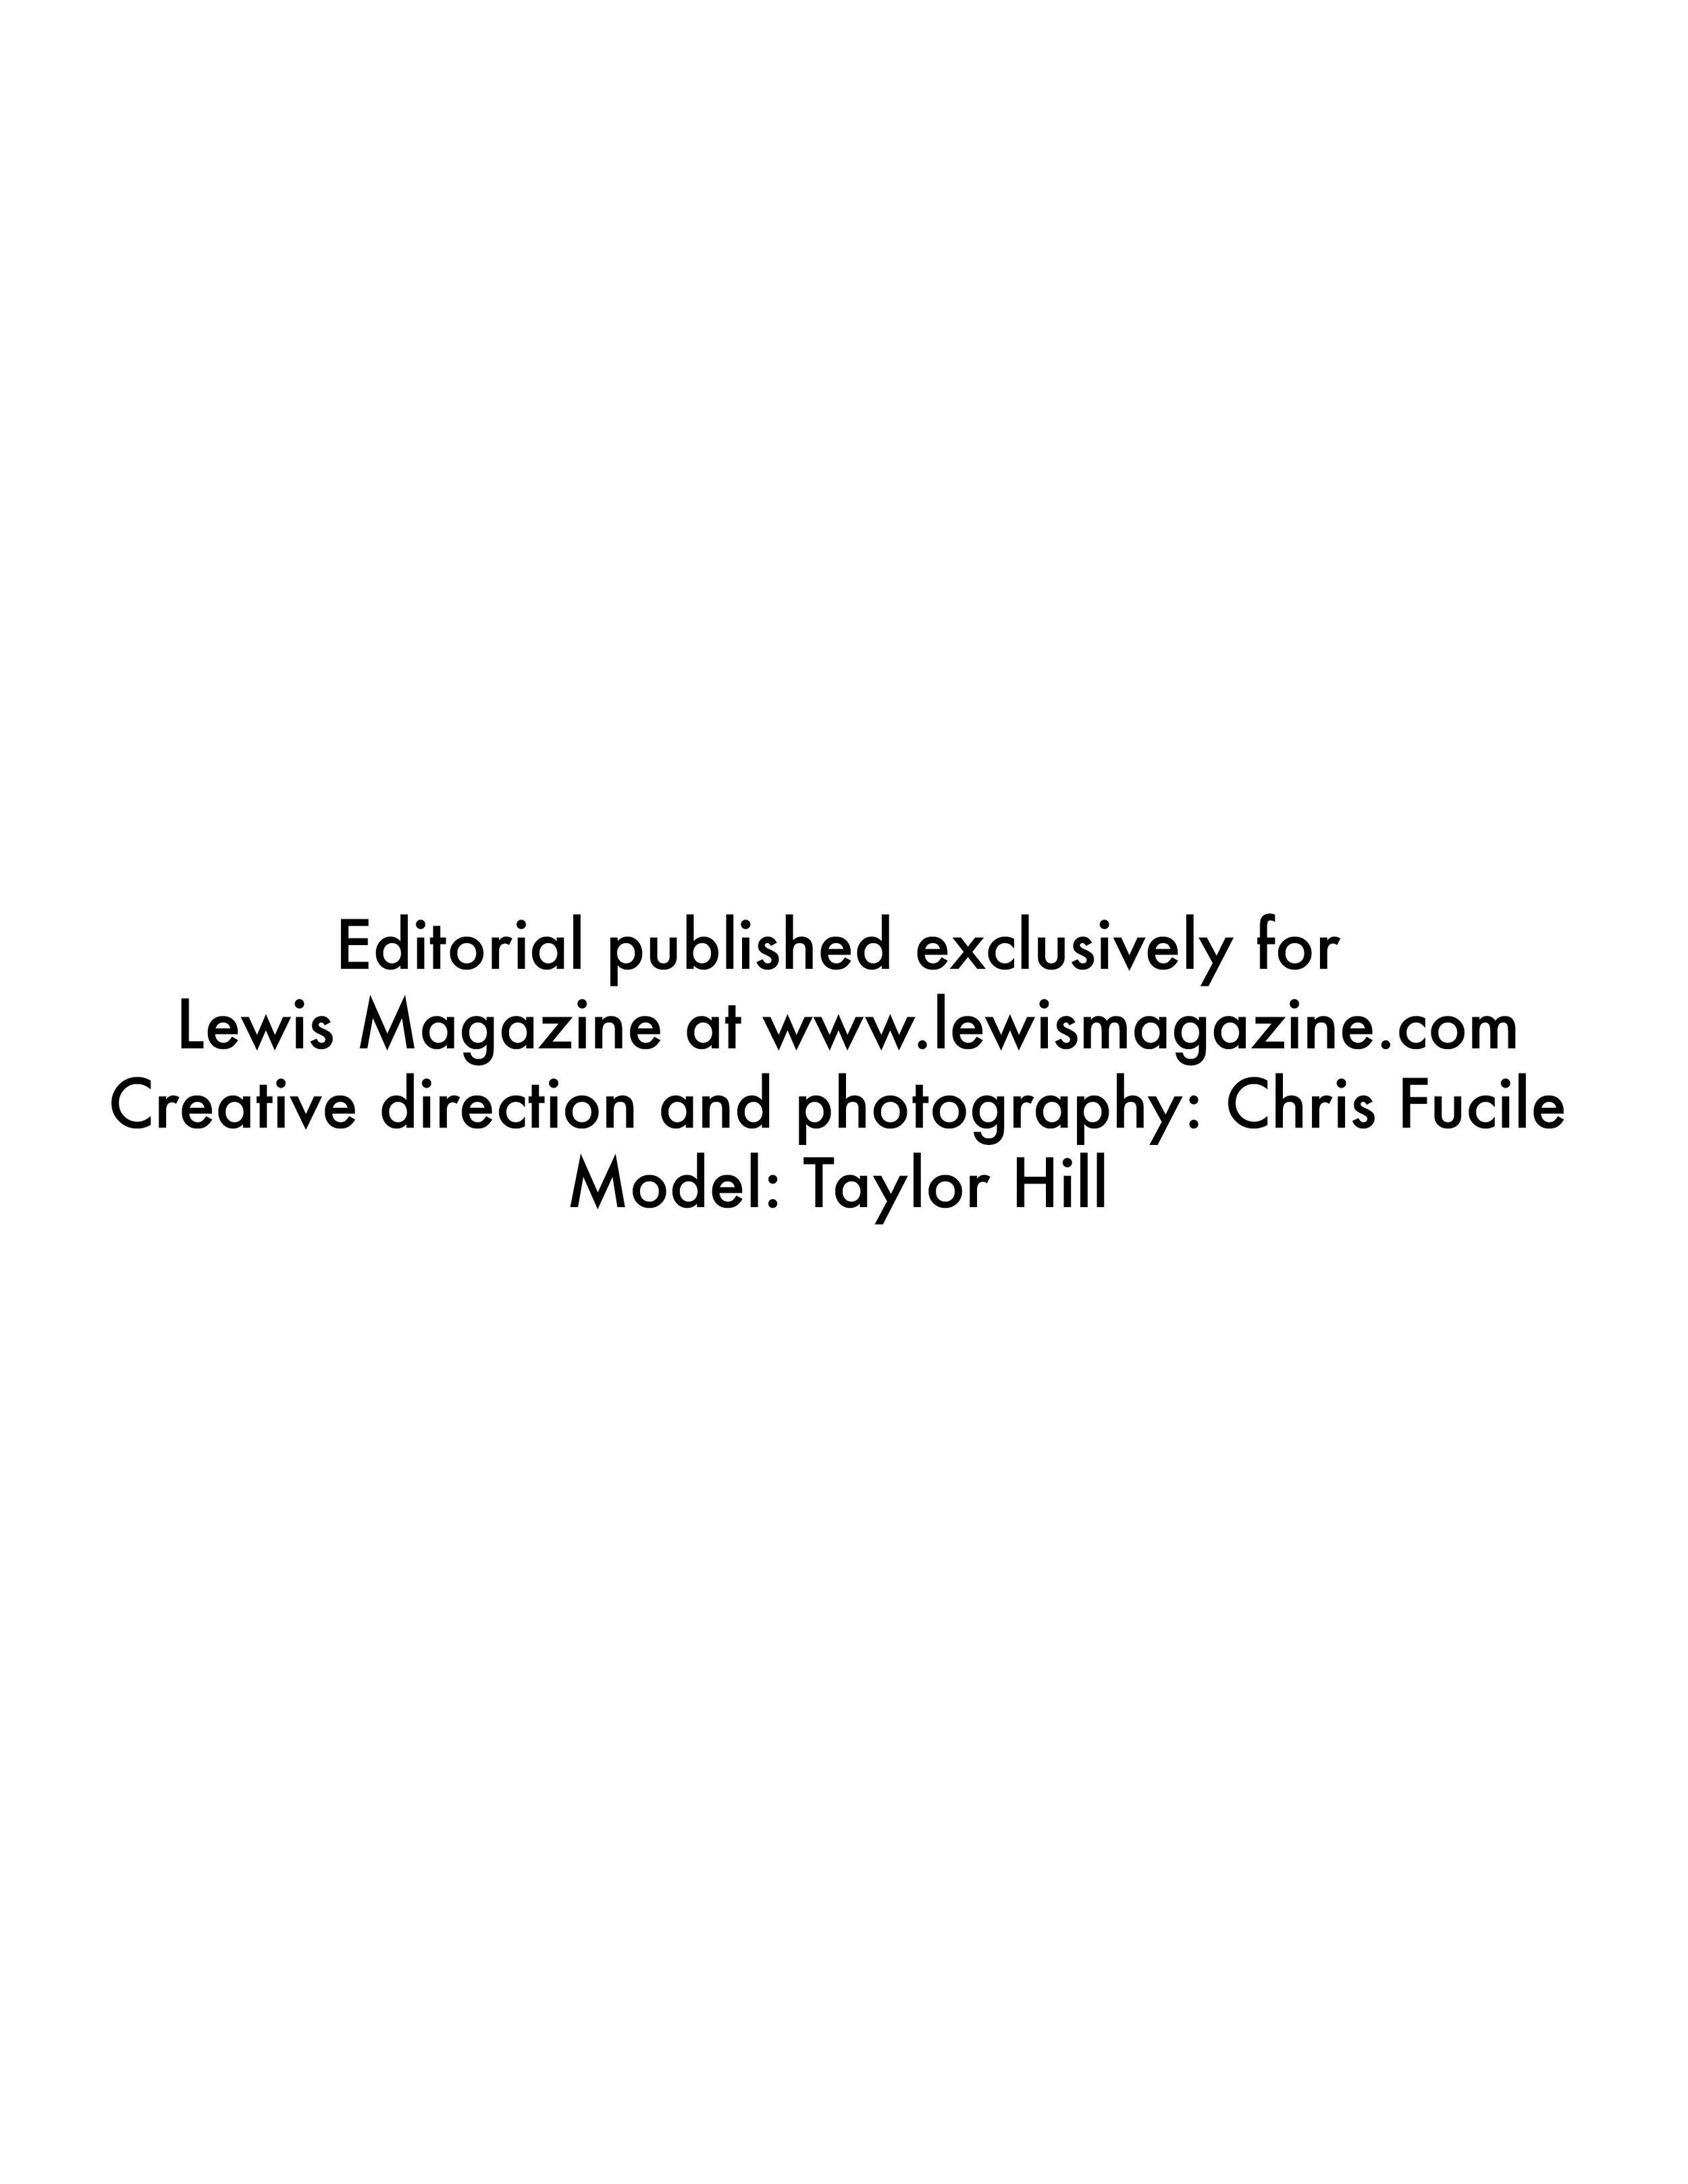 Lewis Mag.jpg